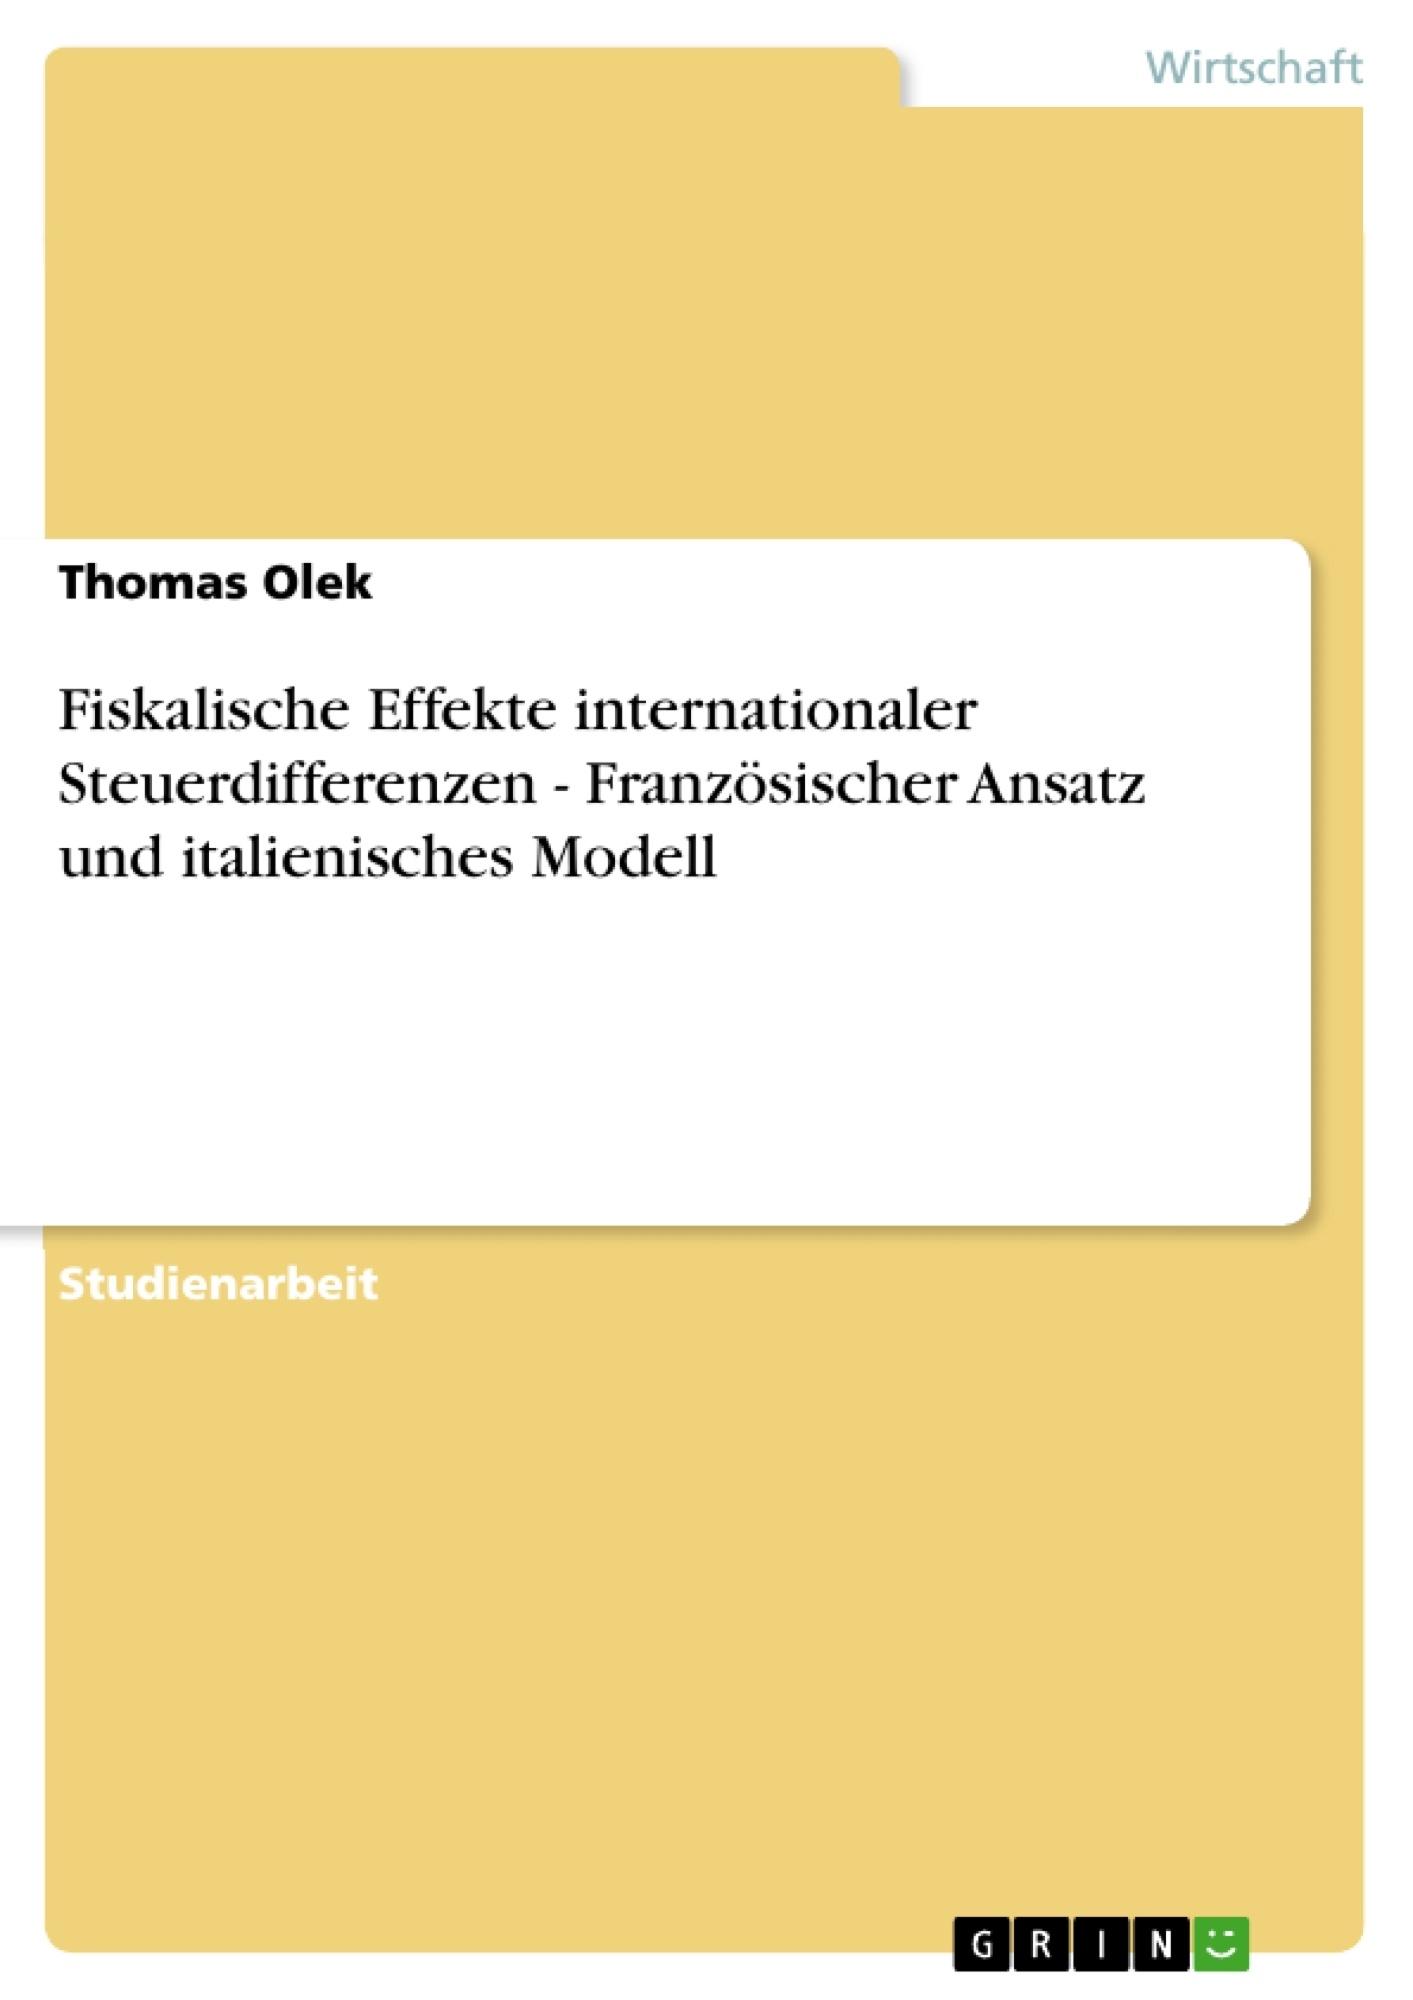 Titel: Fiskalische Effekte internationaler Steuerdifferenzen - Französischer Ansatz und italienisches Modell